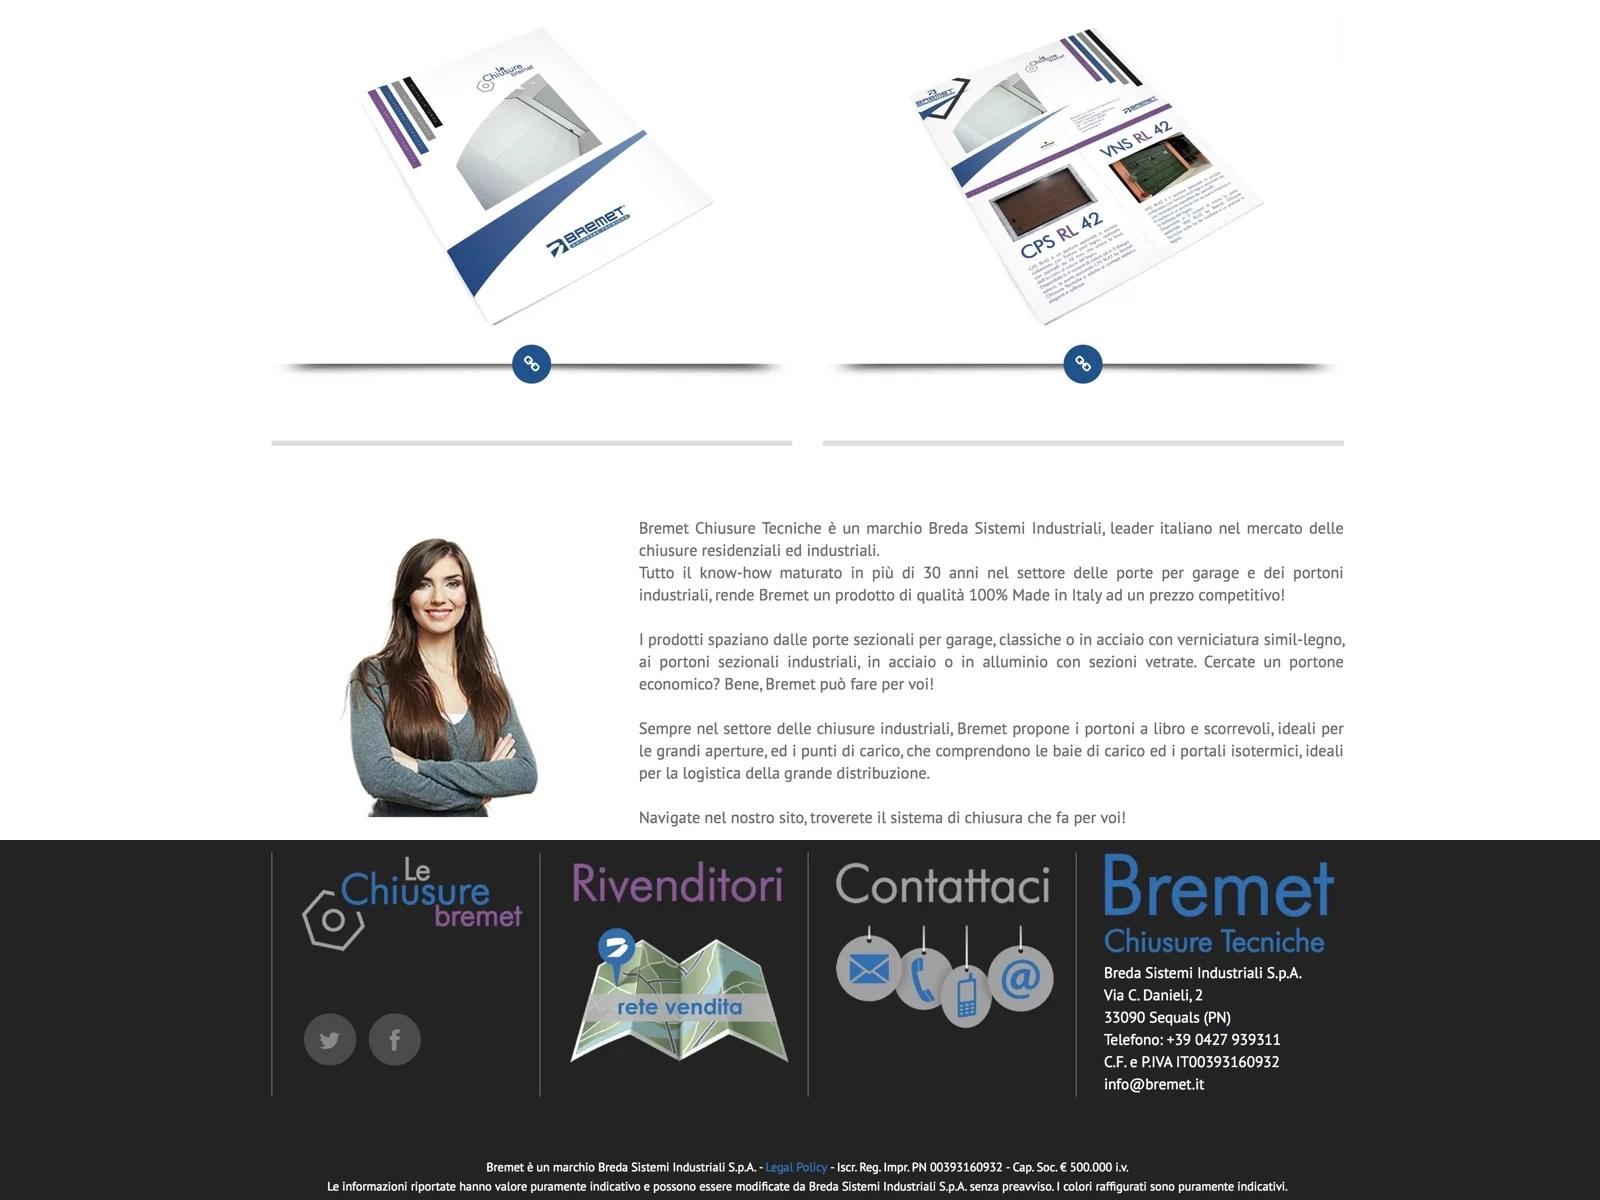 Bremet, marchio Breda Sistemi Industriali S.p.A.